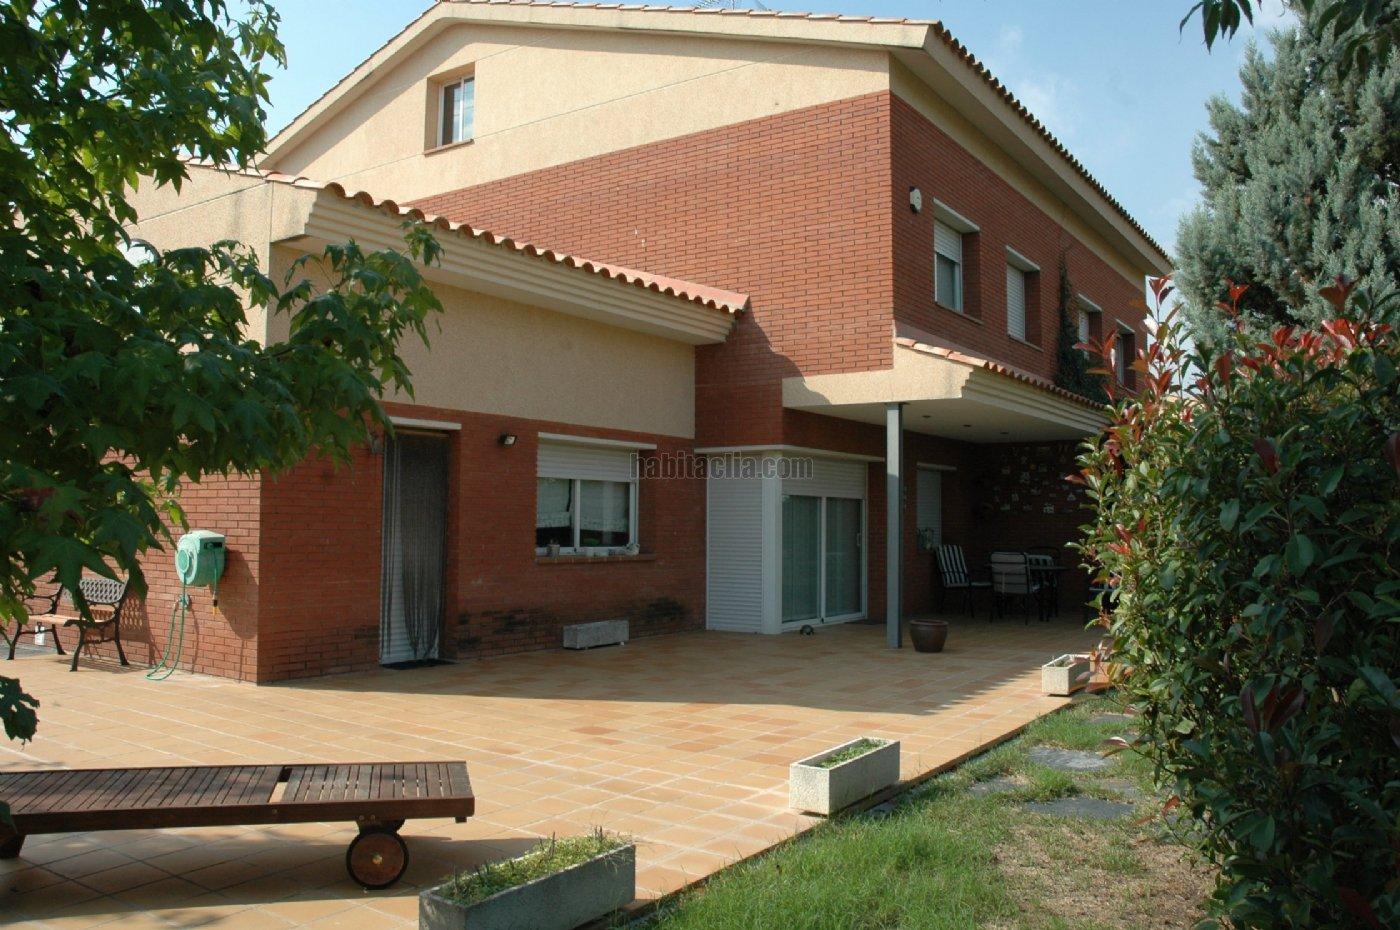 Casa por en cam can palau comoda en vilanova del vall s habitaclia - Casas vilanova del cami ...